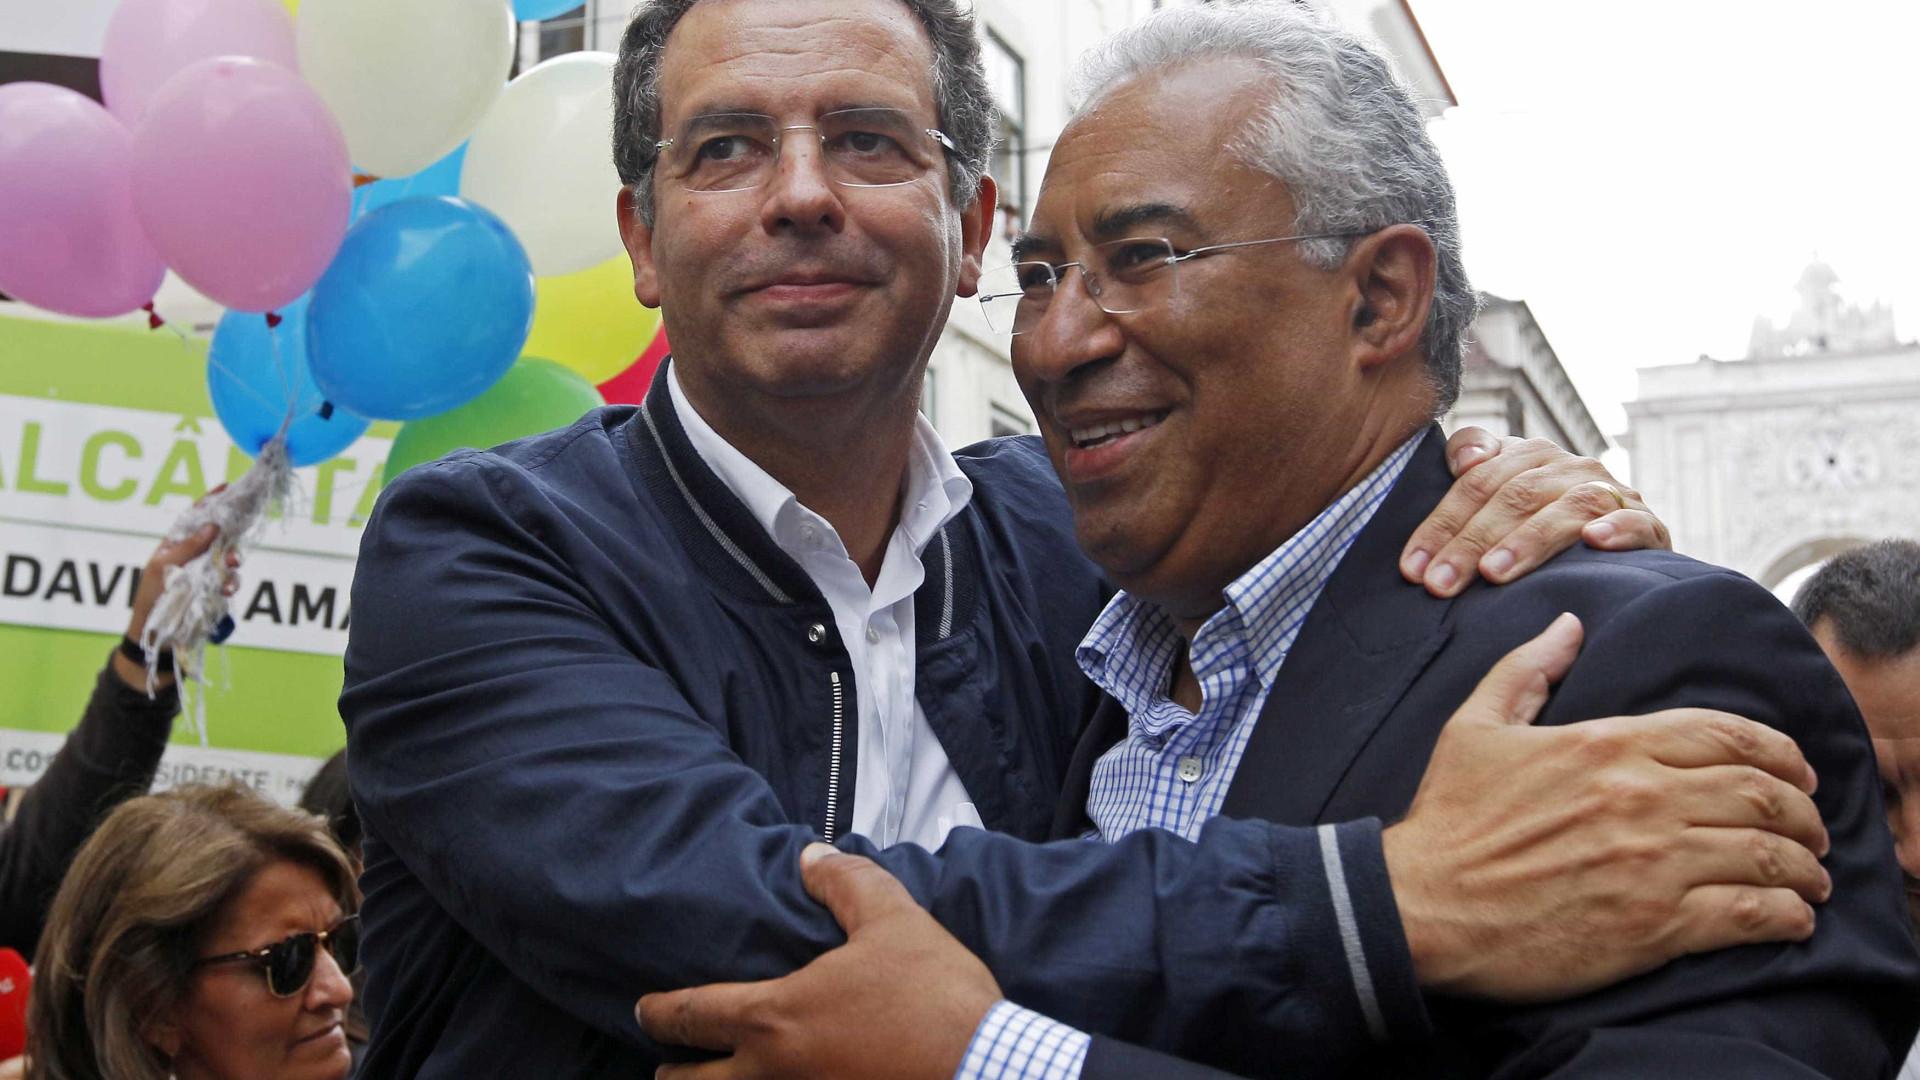 Corrupção: Proposta de Seguro recuperada por liderança Costista